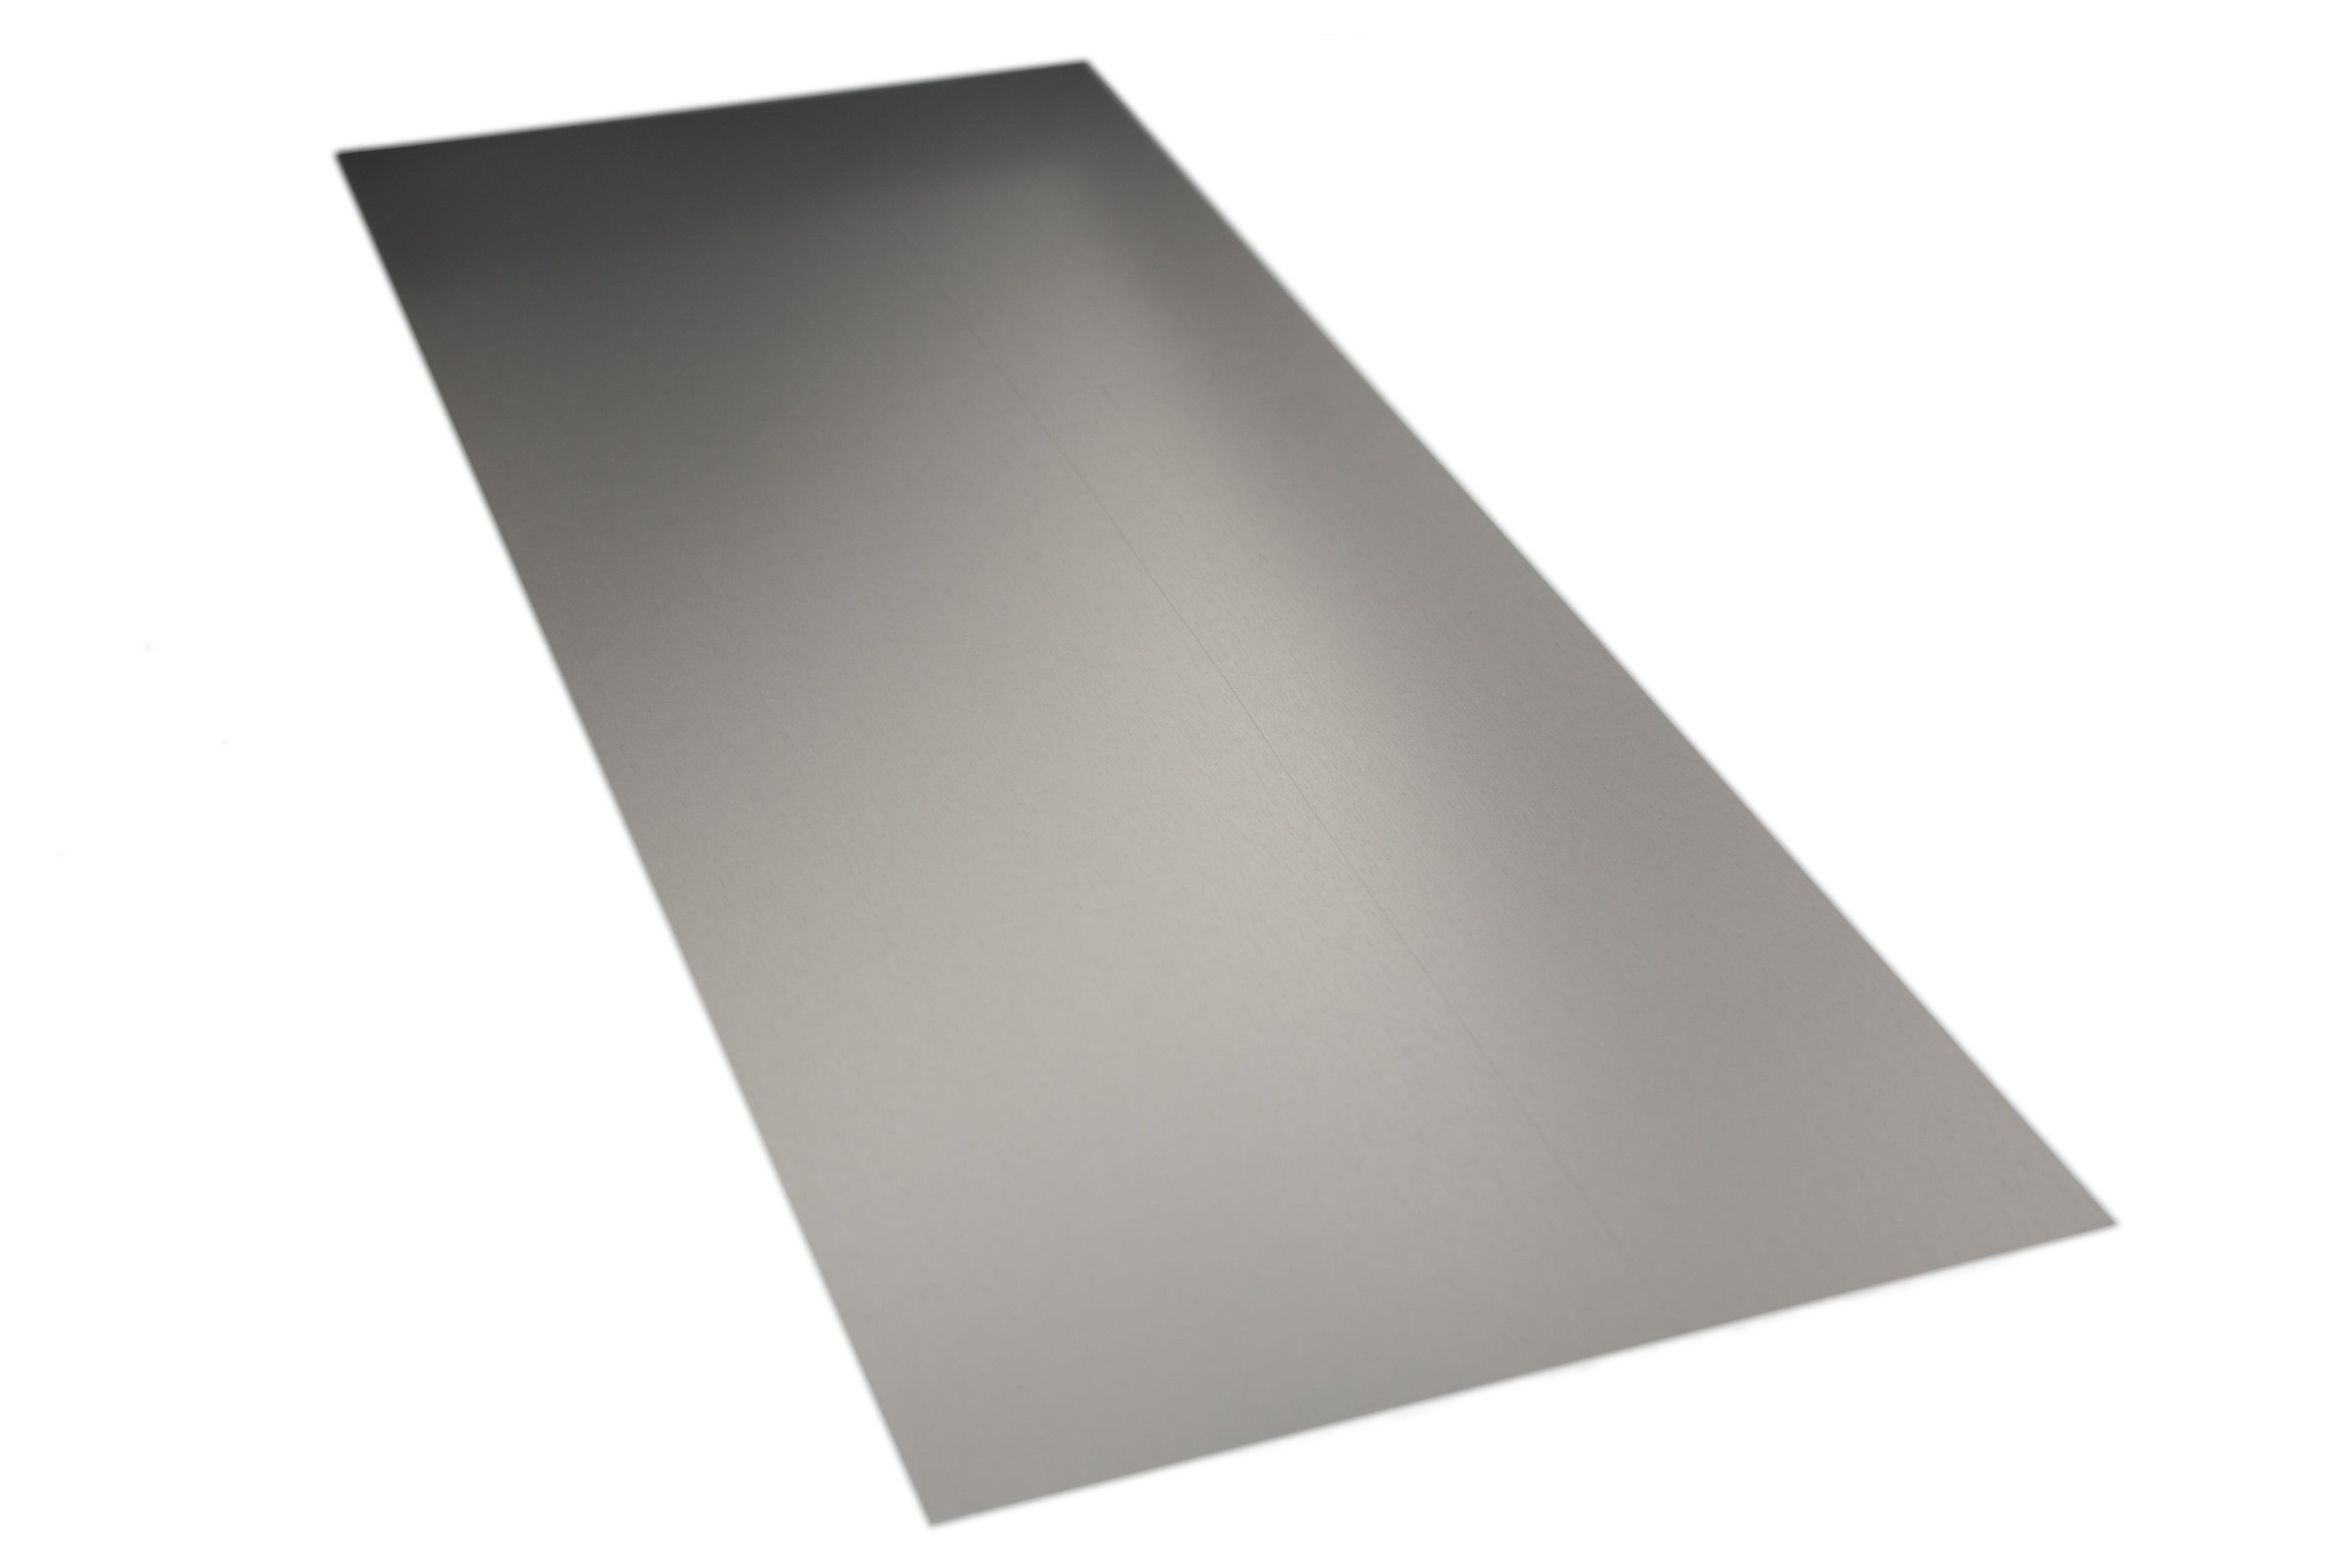 K Amp S Metals Tin Sheet Craft Materials Hobbies